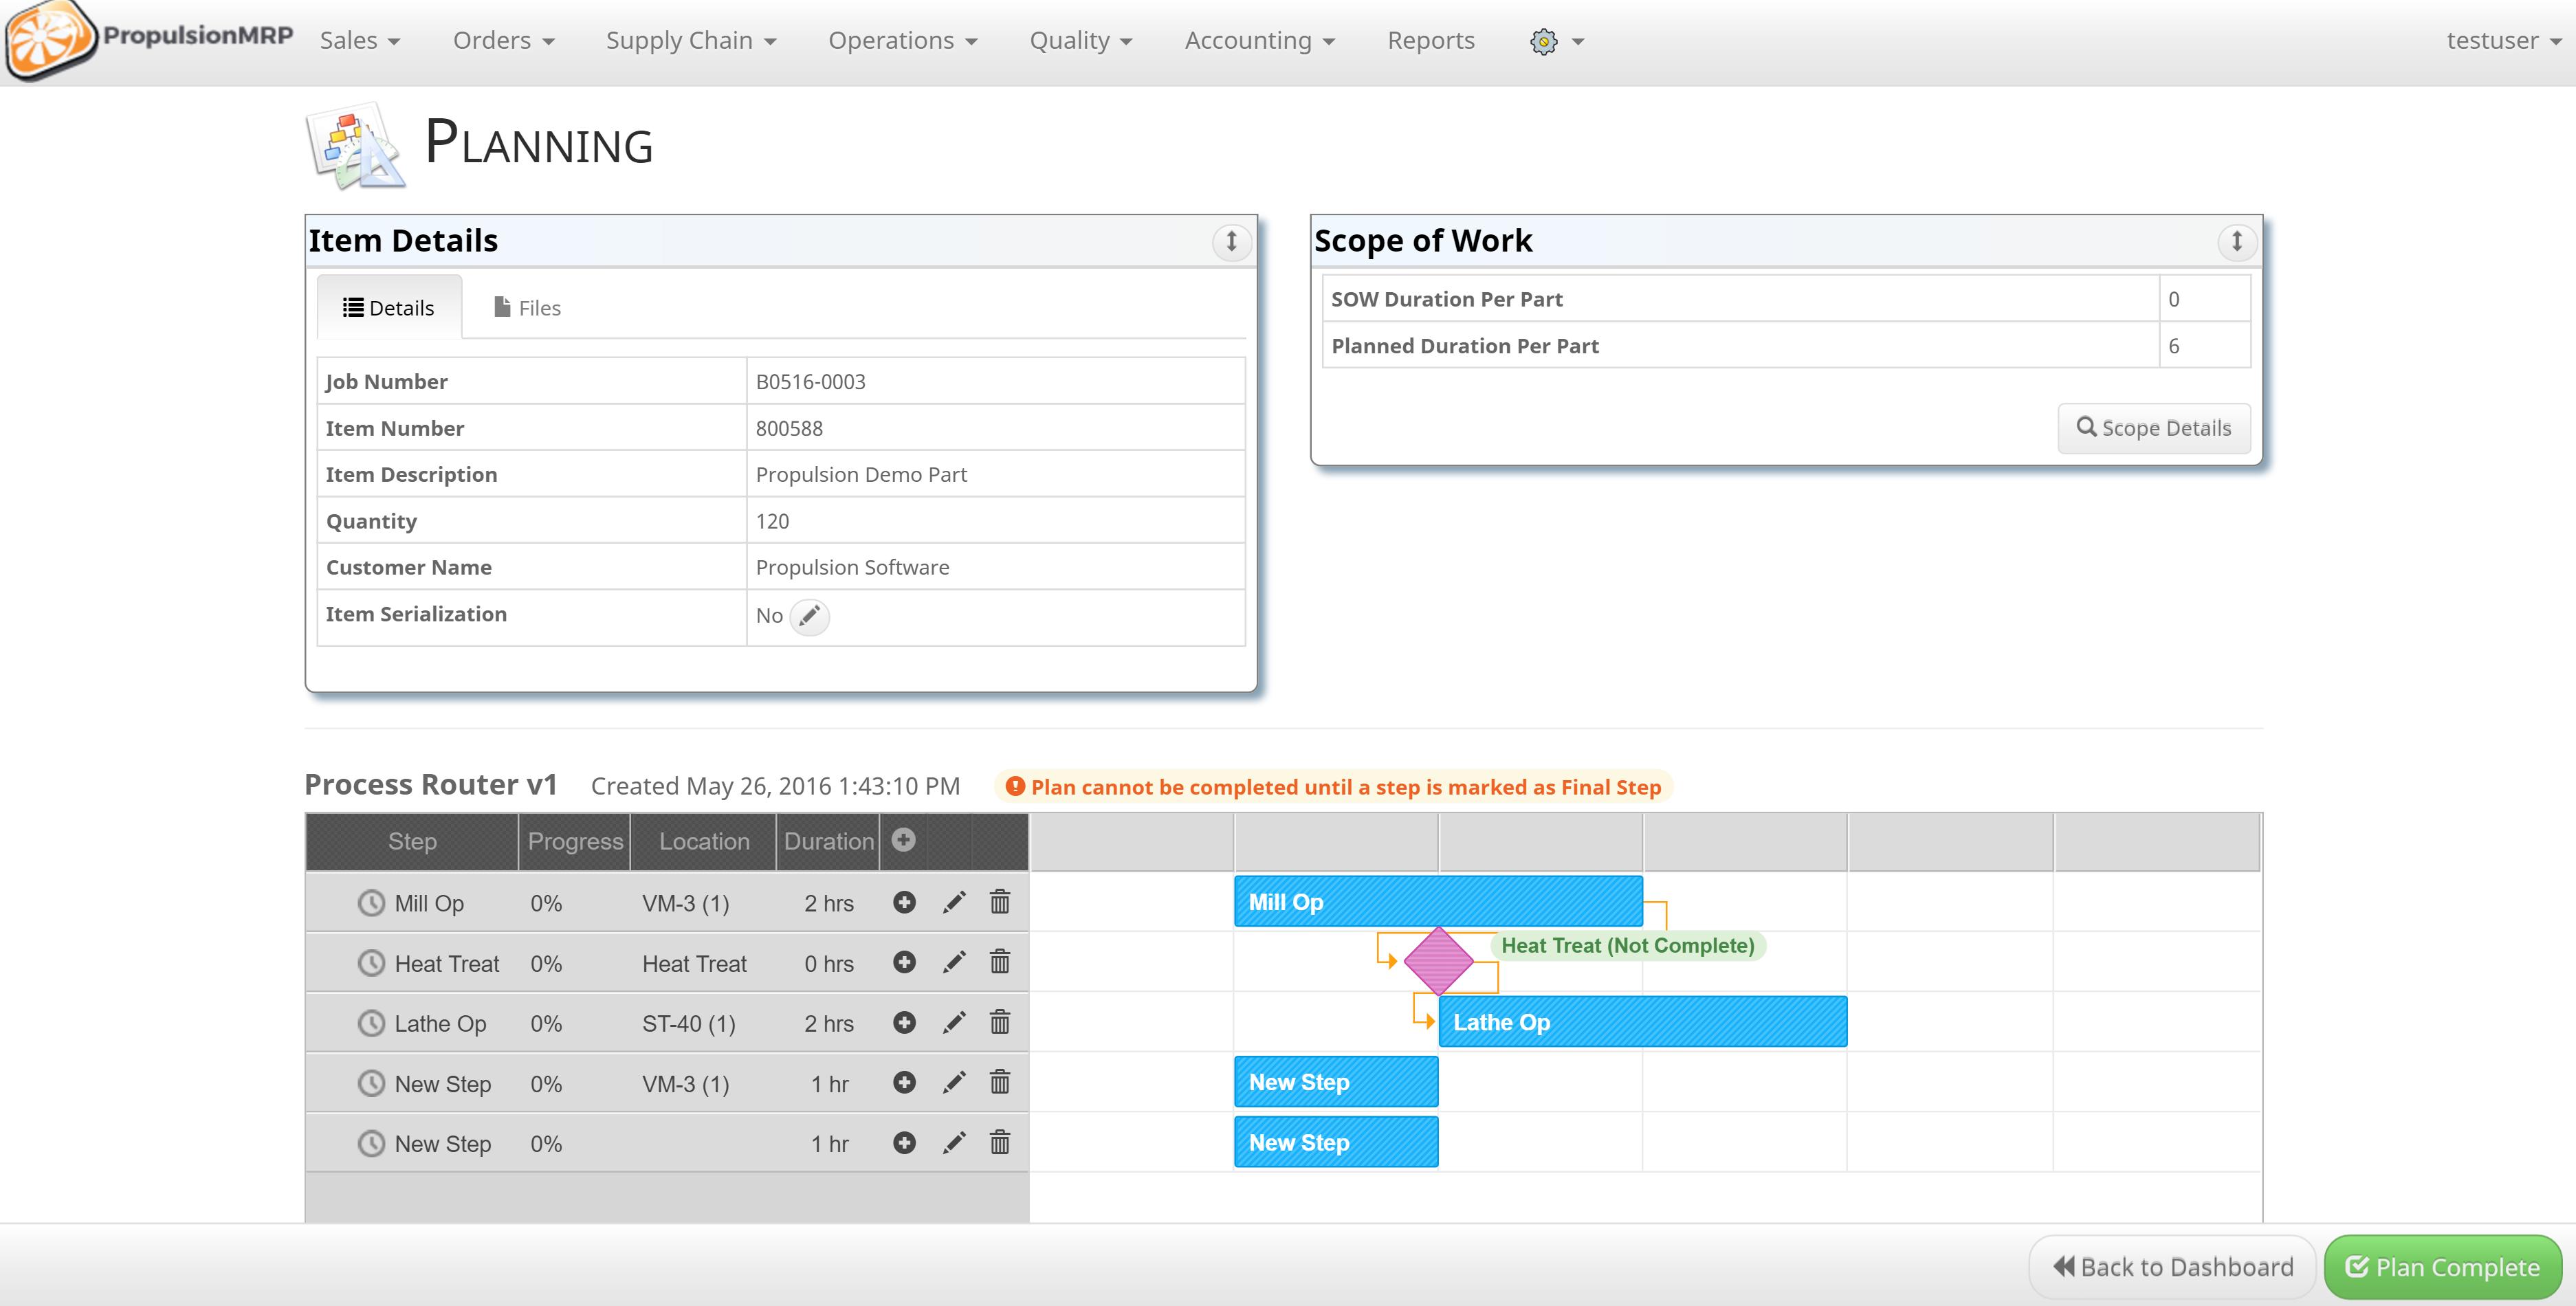 PropulsionMRP Software - Planning